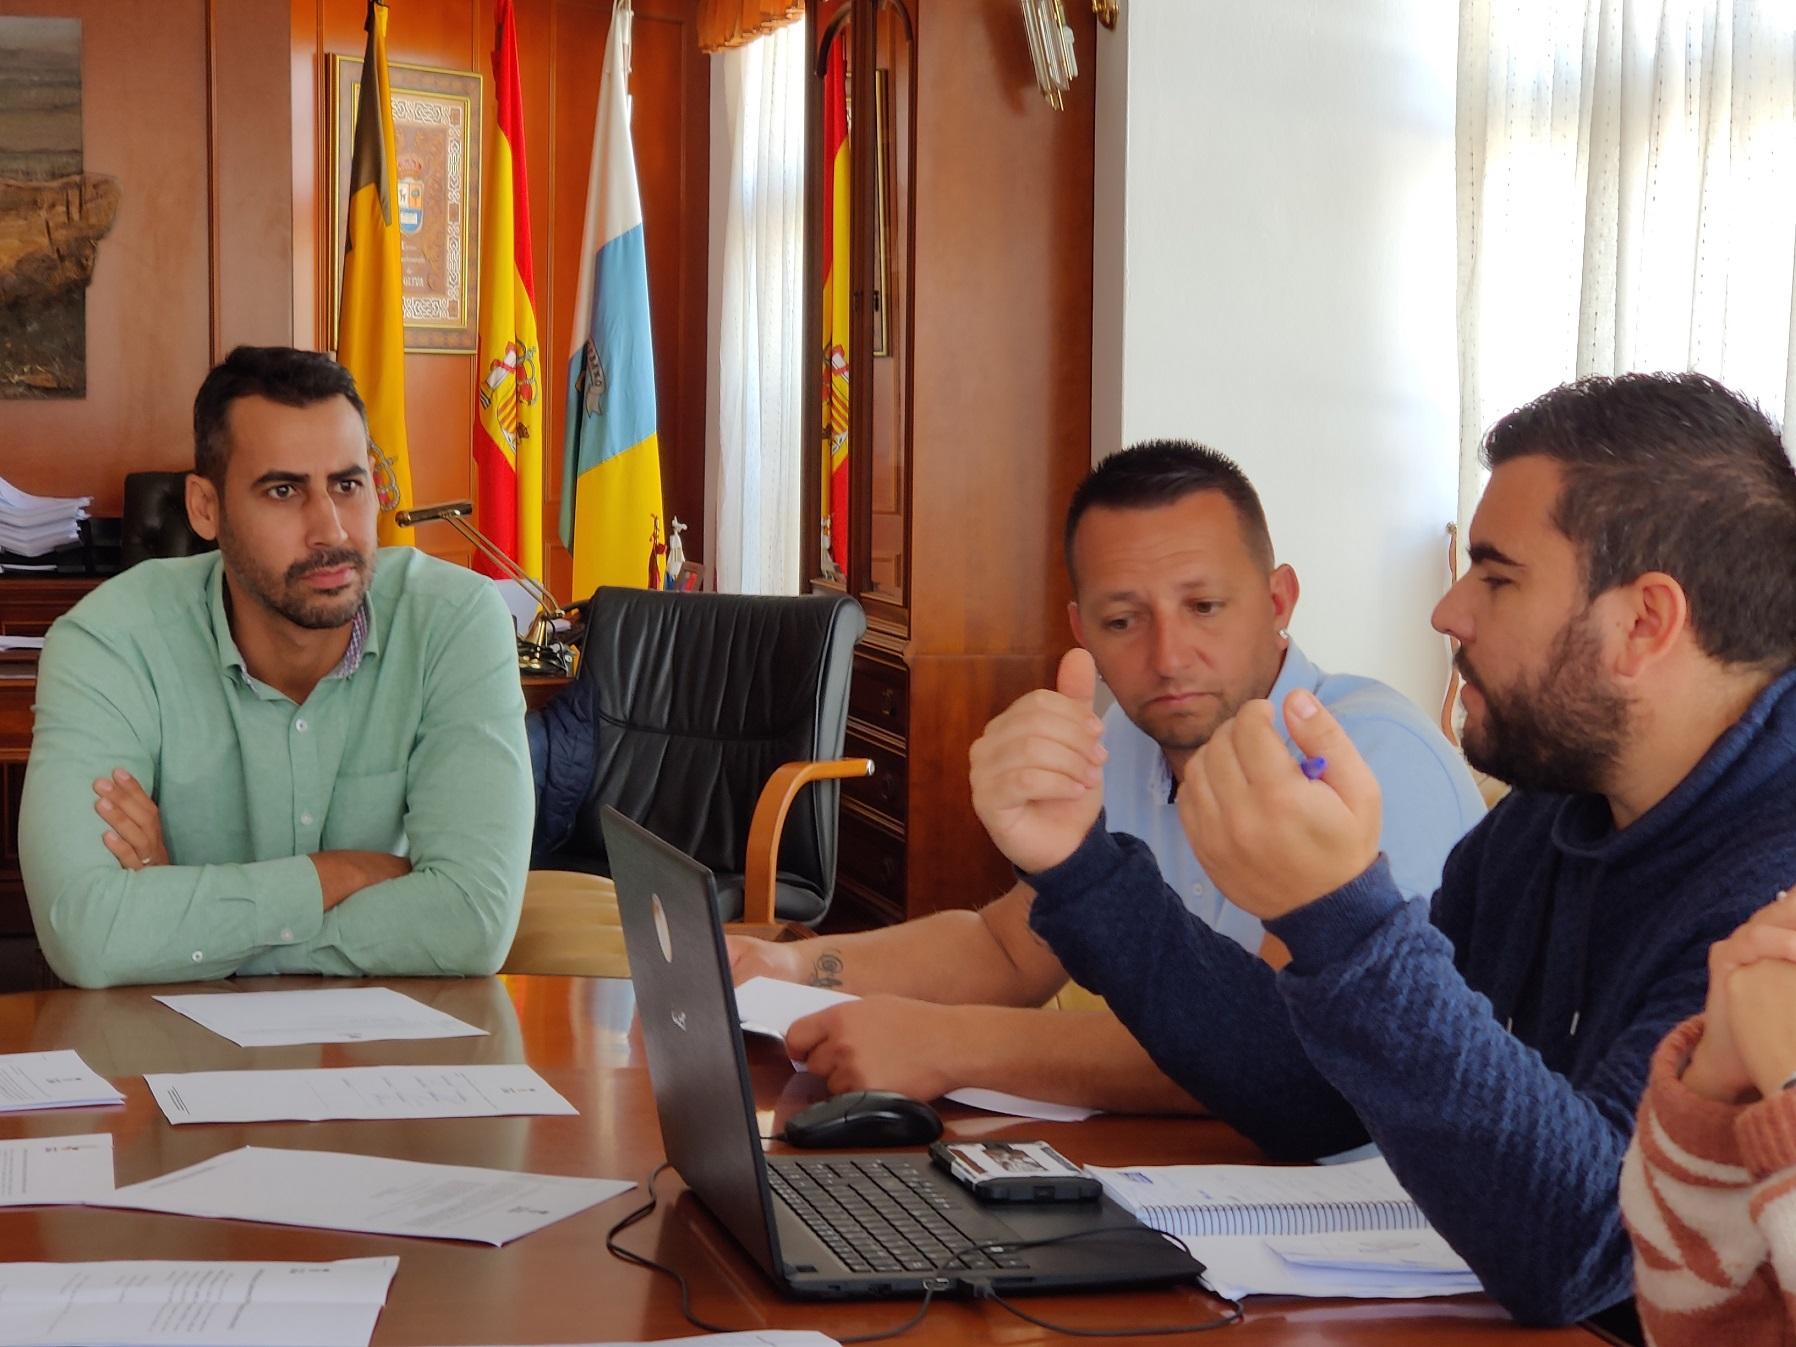 El Ayuntamiento de La Oliva prepara una línea de subvenciones dirigidas empresas y autónomos para contrarrestar el impacto del Covid-19 en la economía del municipio